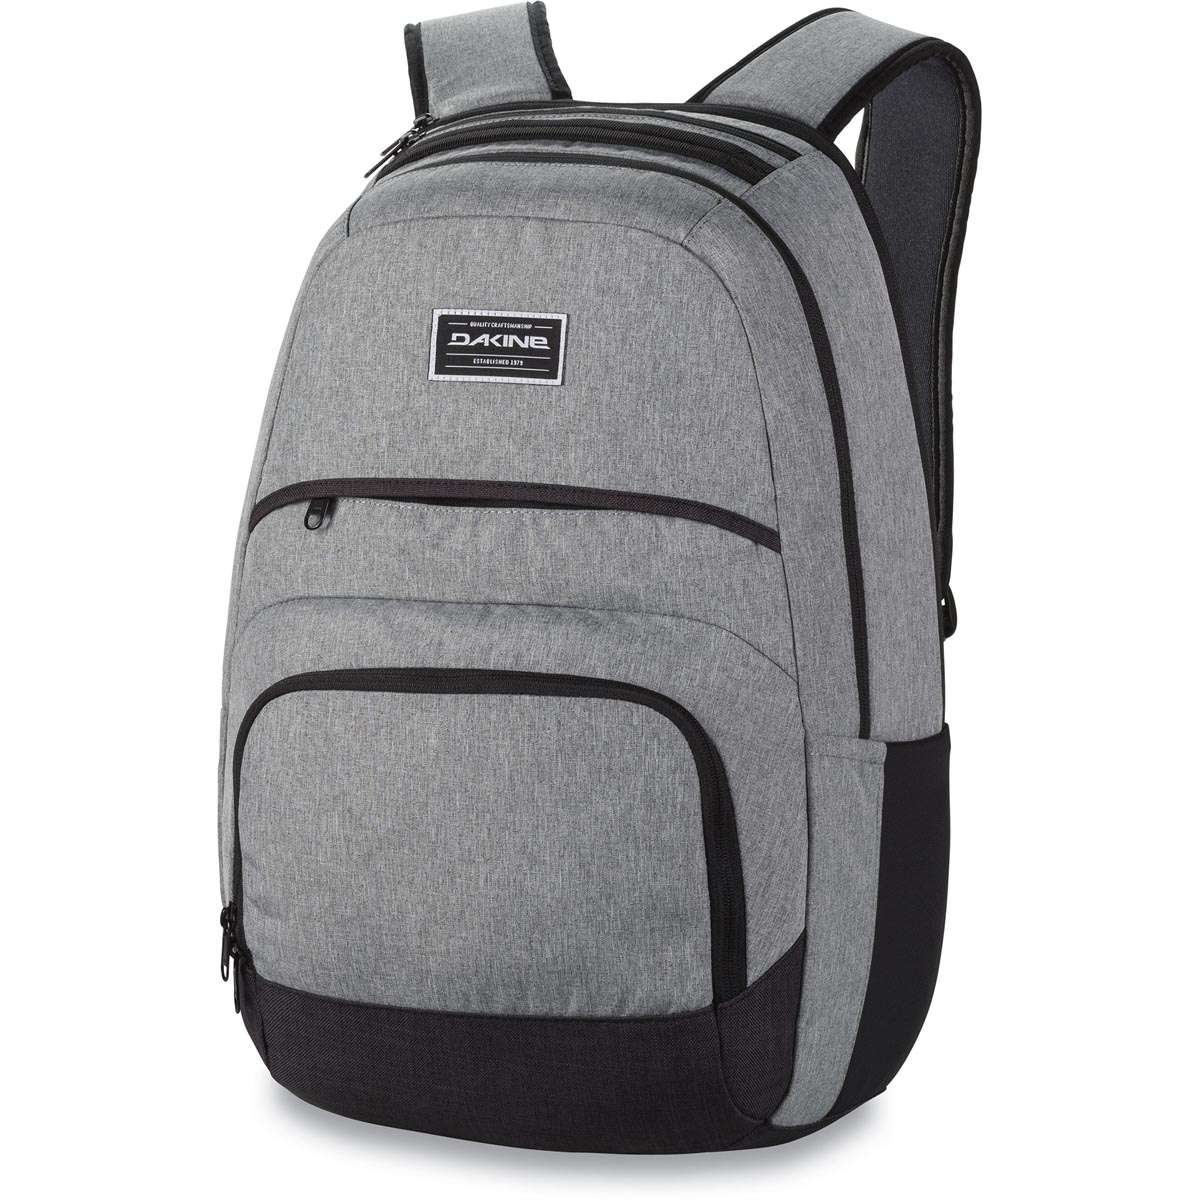 96886fab8e50f Dakine Campus DLX 33L Rucksack mit iPad Laptop Fach Sellwood ...